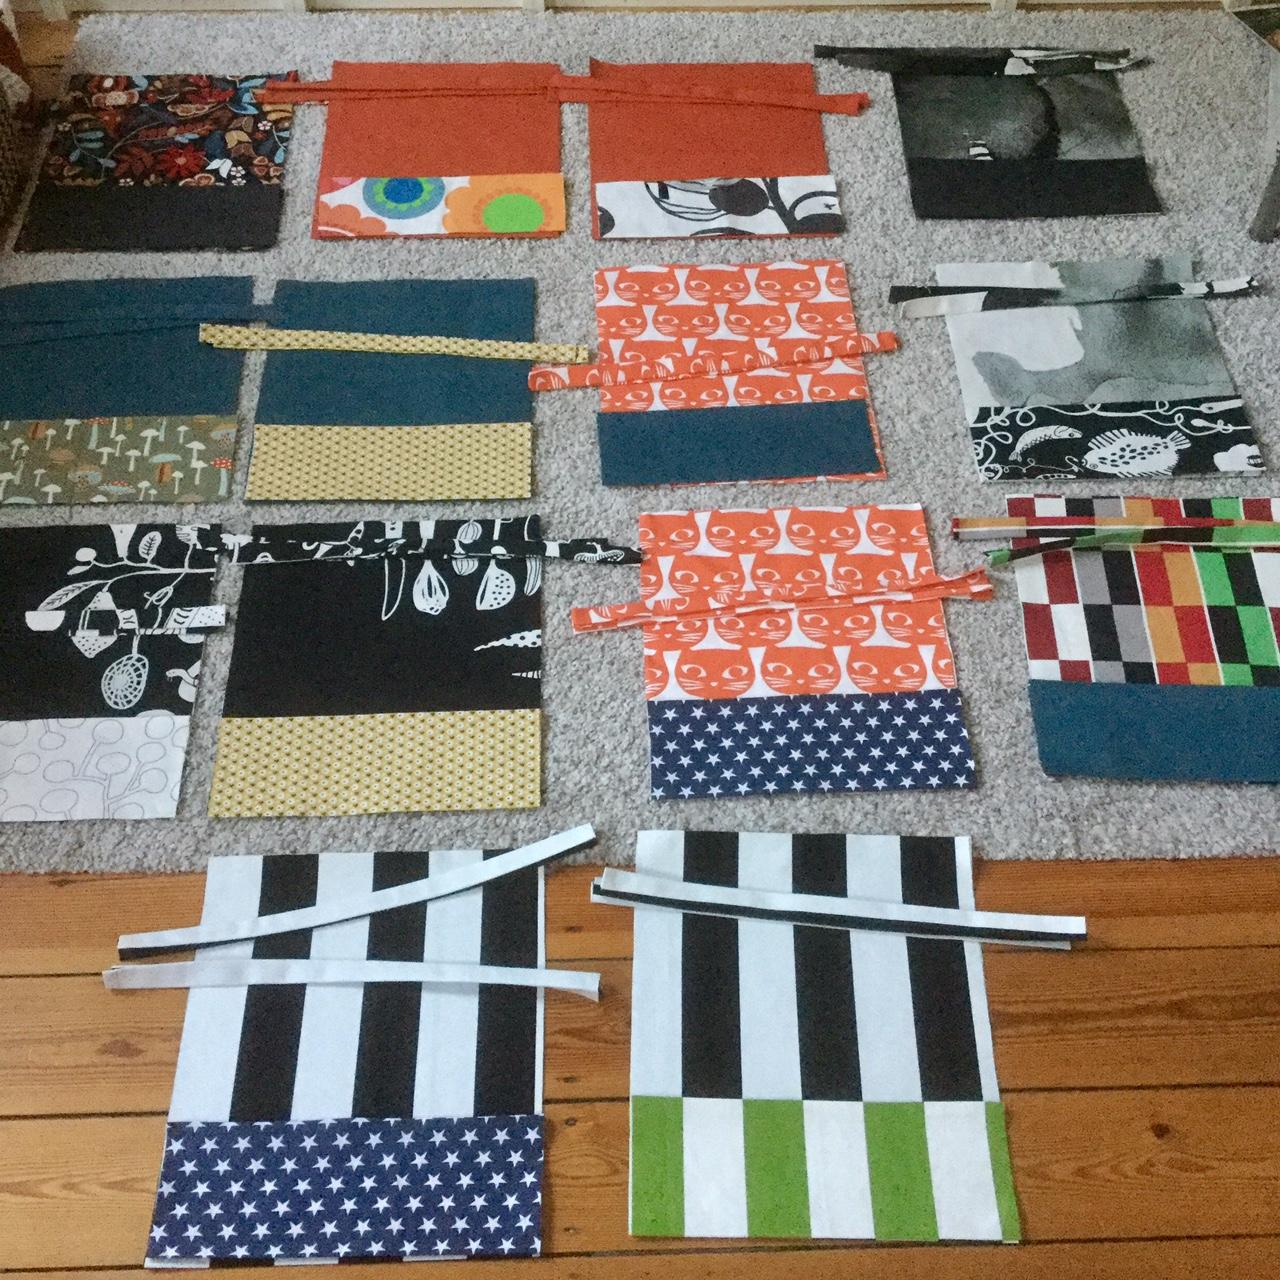 ikea stoff dekorinnadeln. Black Bedroom Furniture Sets. Home Design Ideas